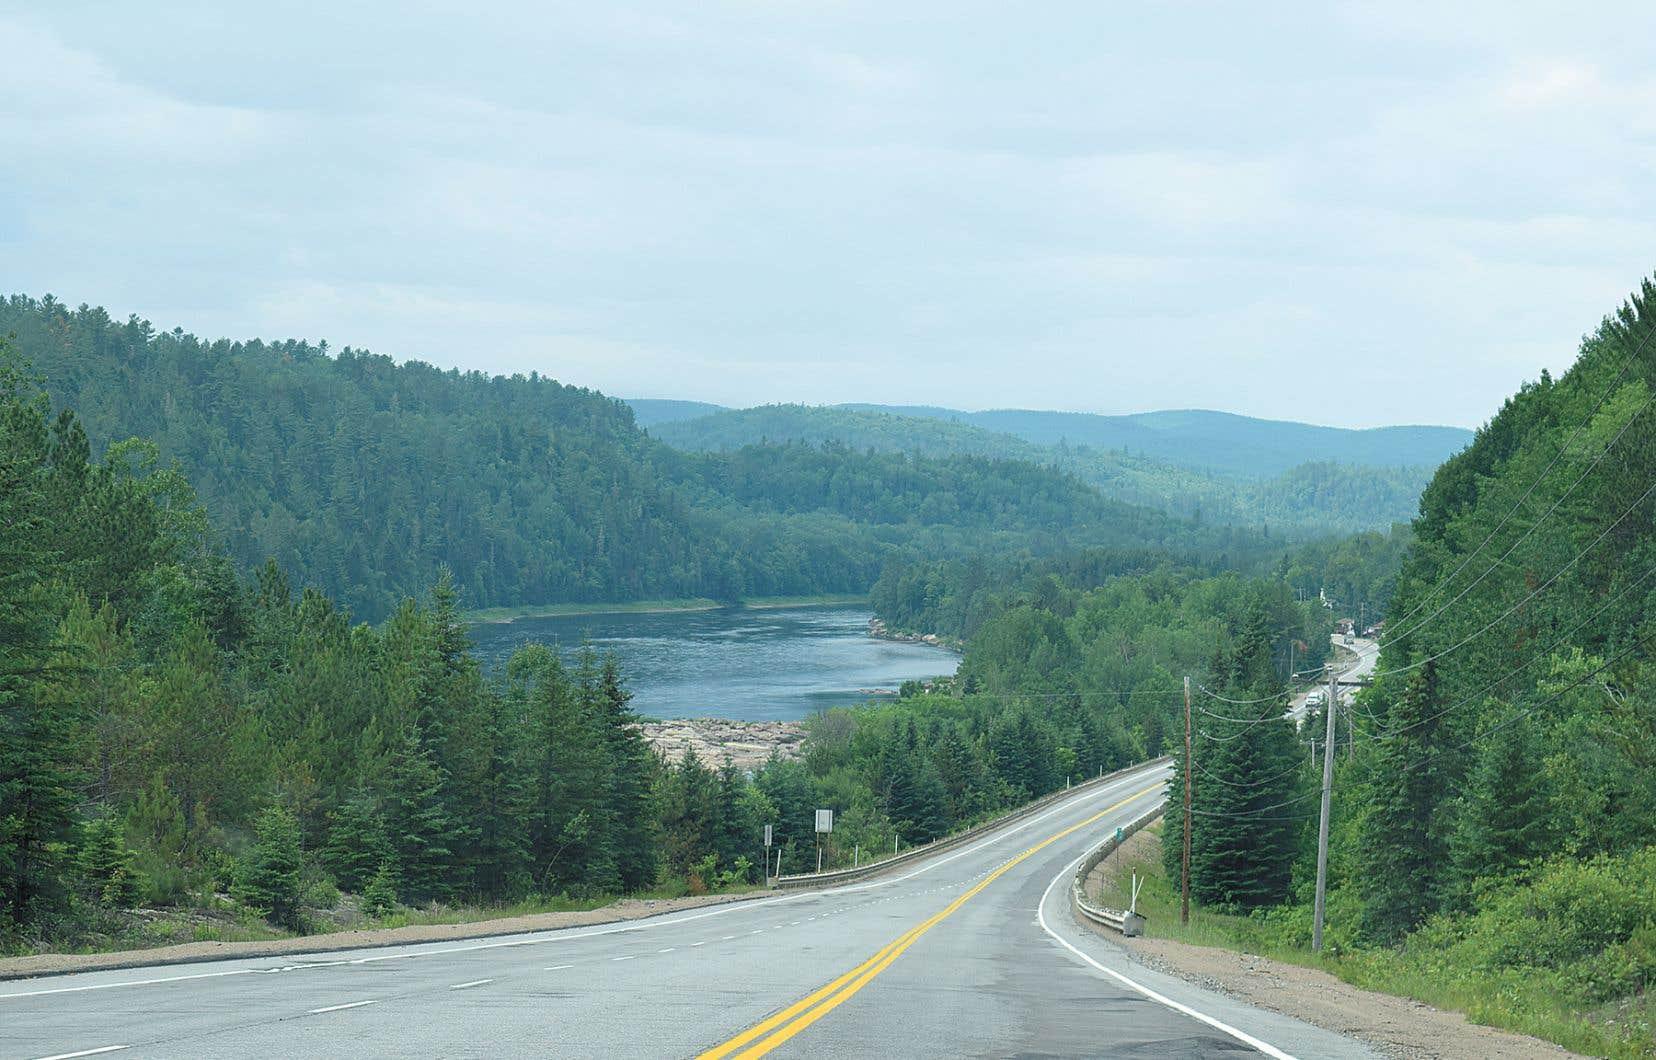 Selon des données obtenues auprès du ministère des Transports du Québec, de 2800 à 4800 véhicules sillonnent habituellement quotidiennement le tronçon entre Grandes-Piles et La Tuque, dont près du tiers sont des poids lourds.